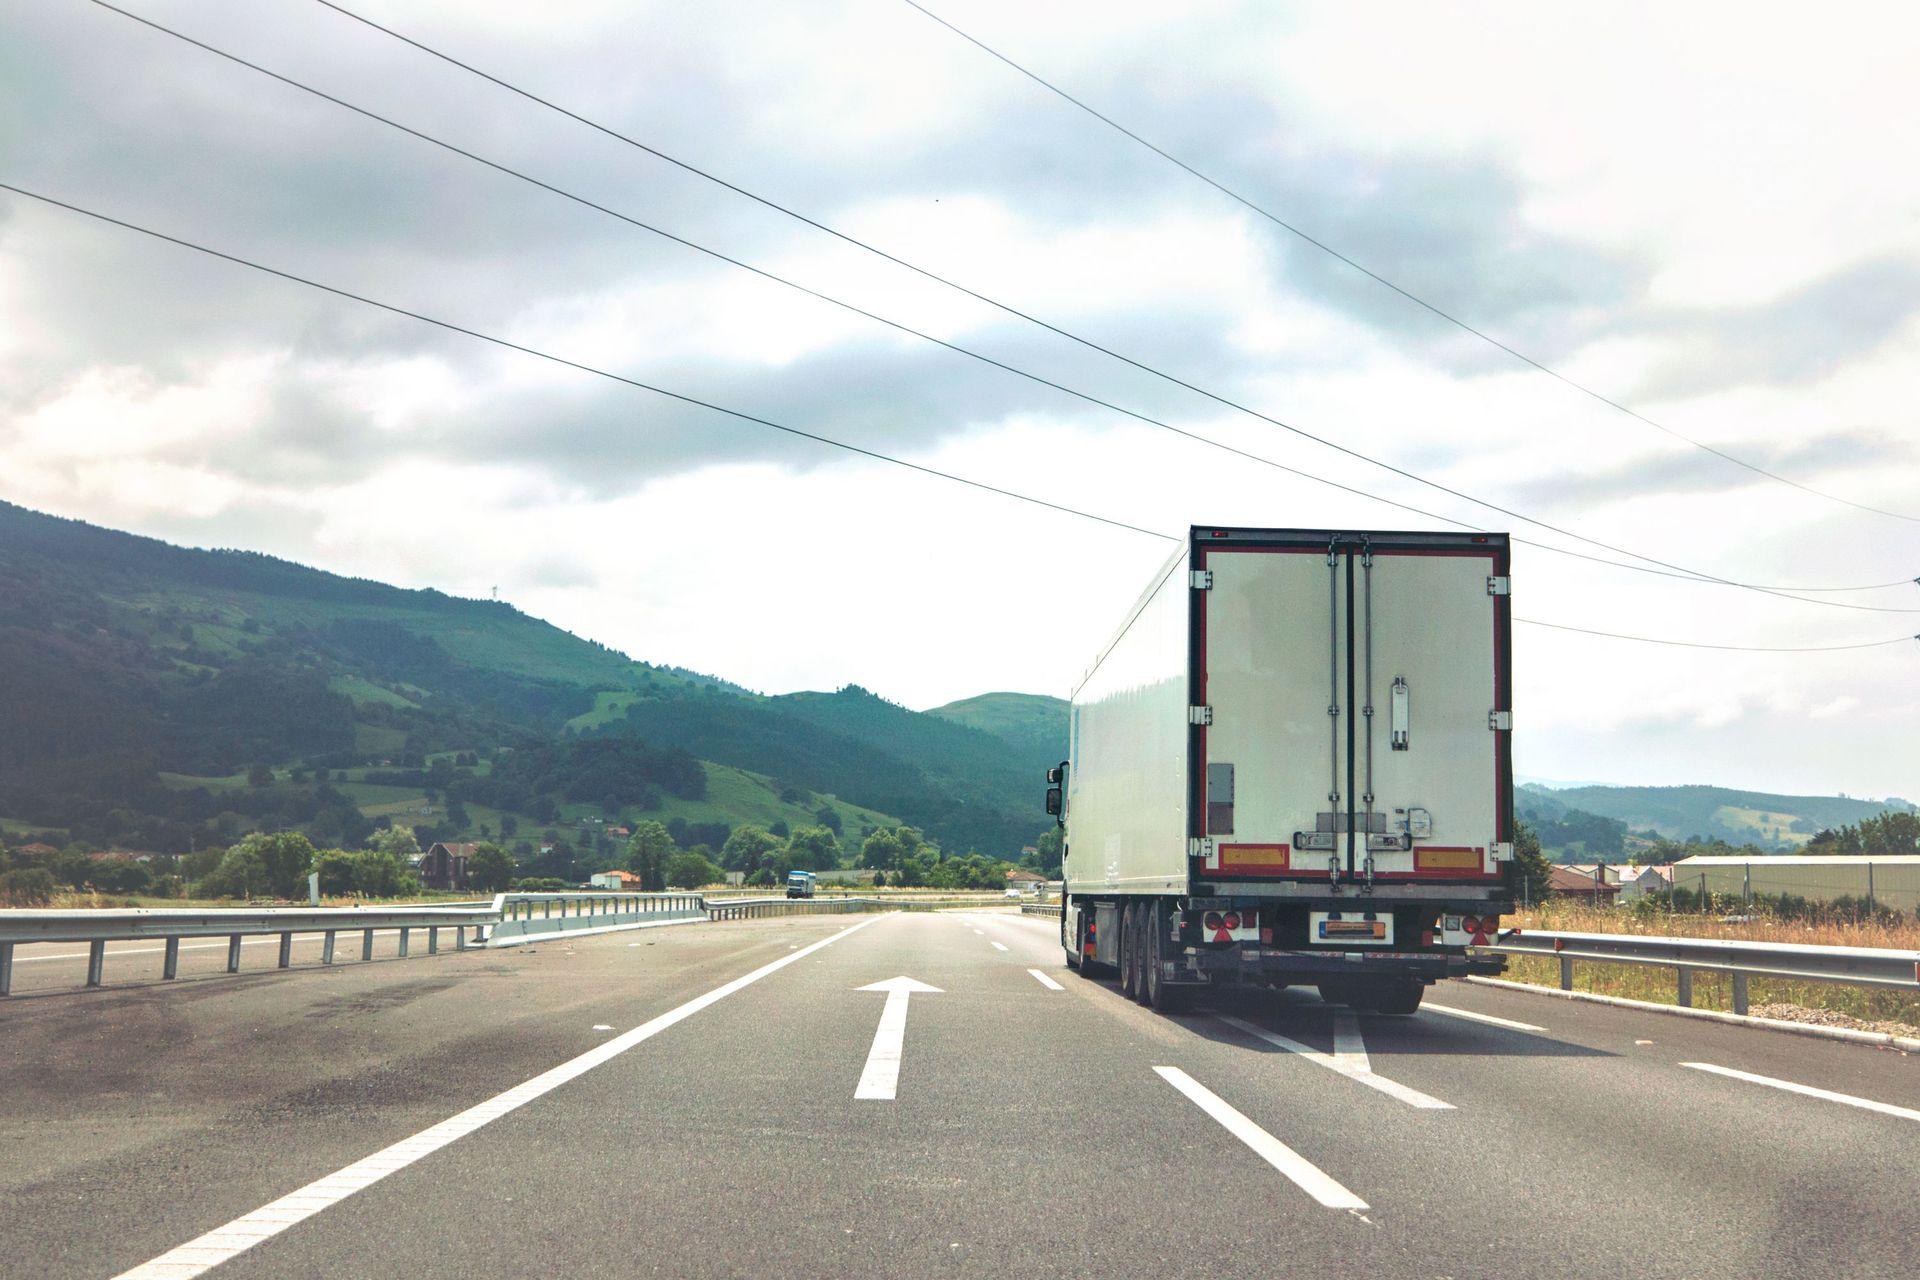 Des camions électriques pour concurrencer le diesel ? Des chercheurs prouvent que c'est faisable